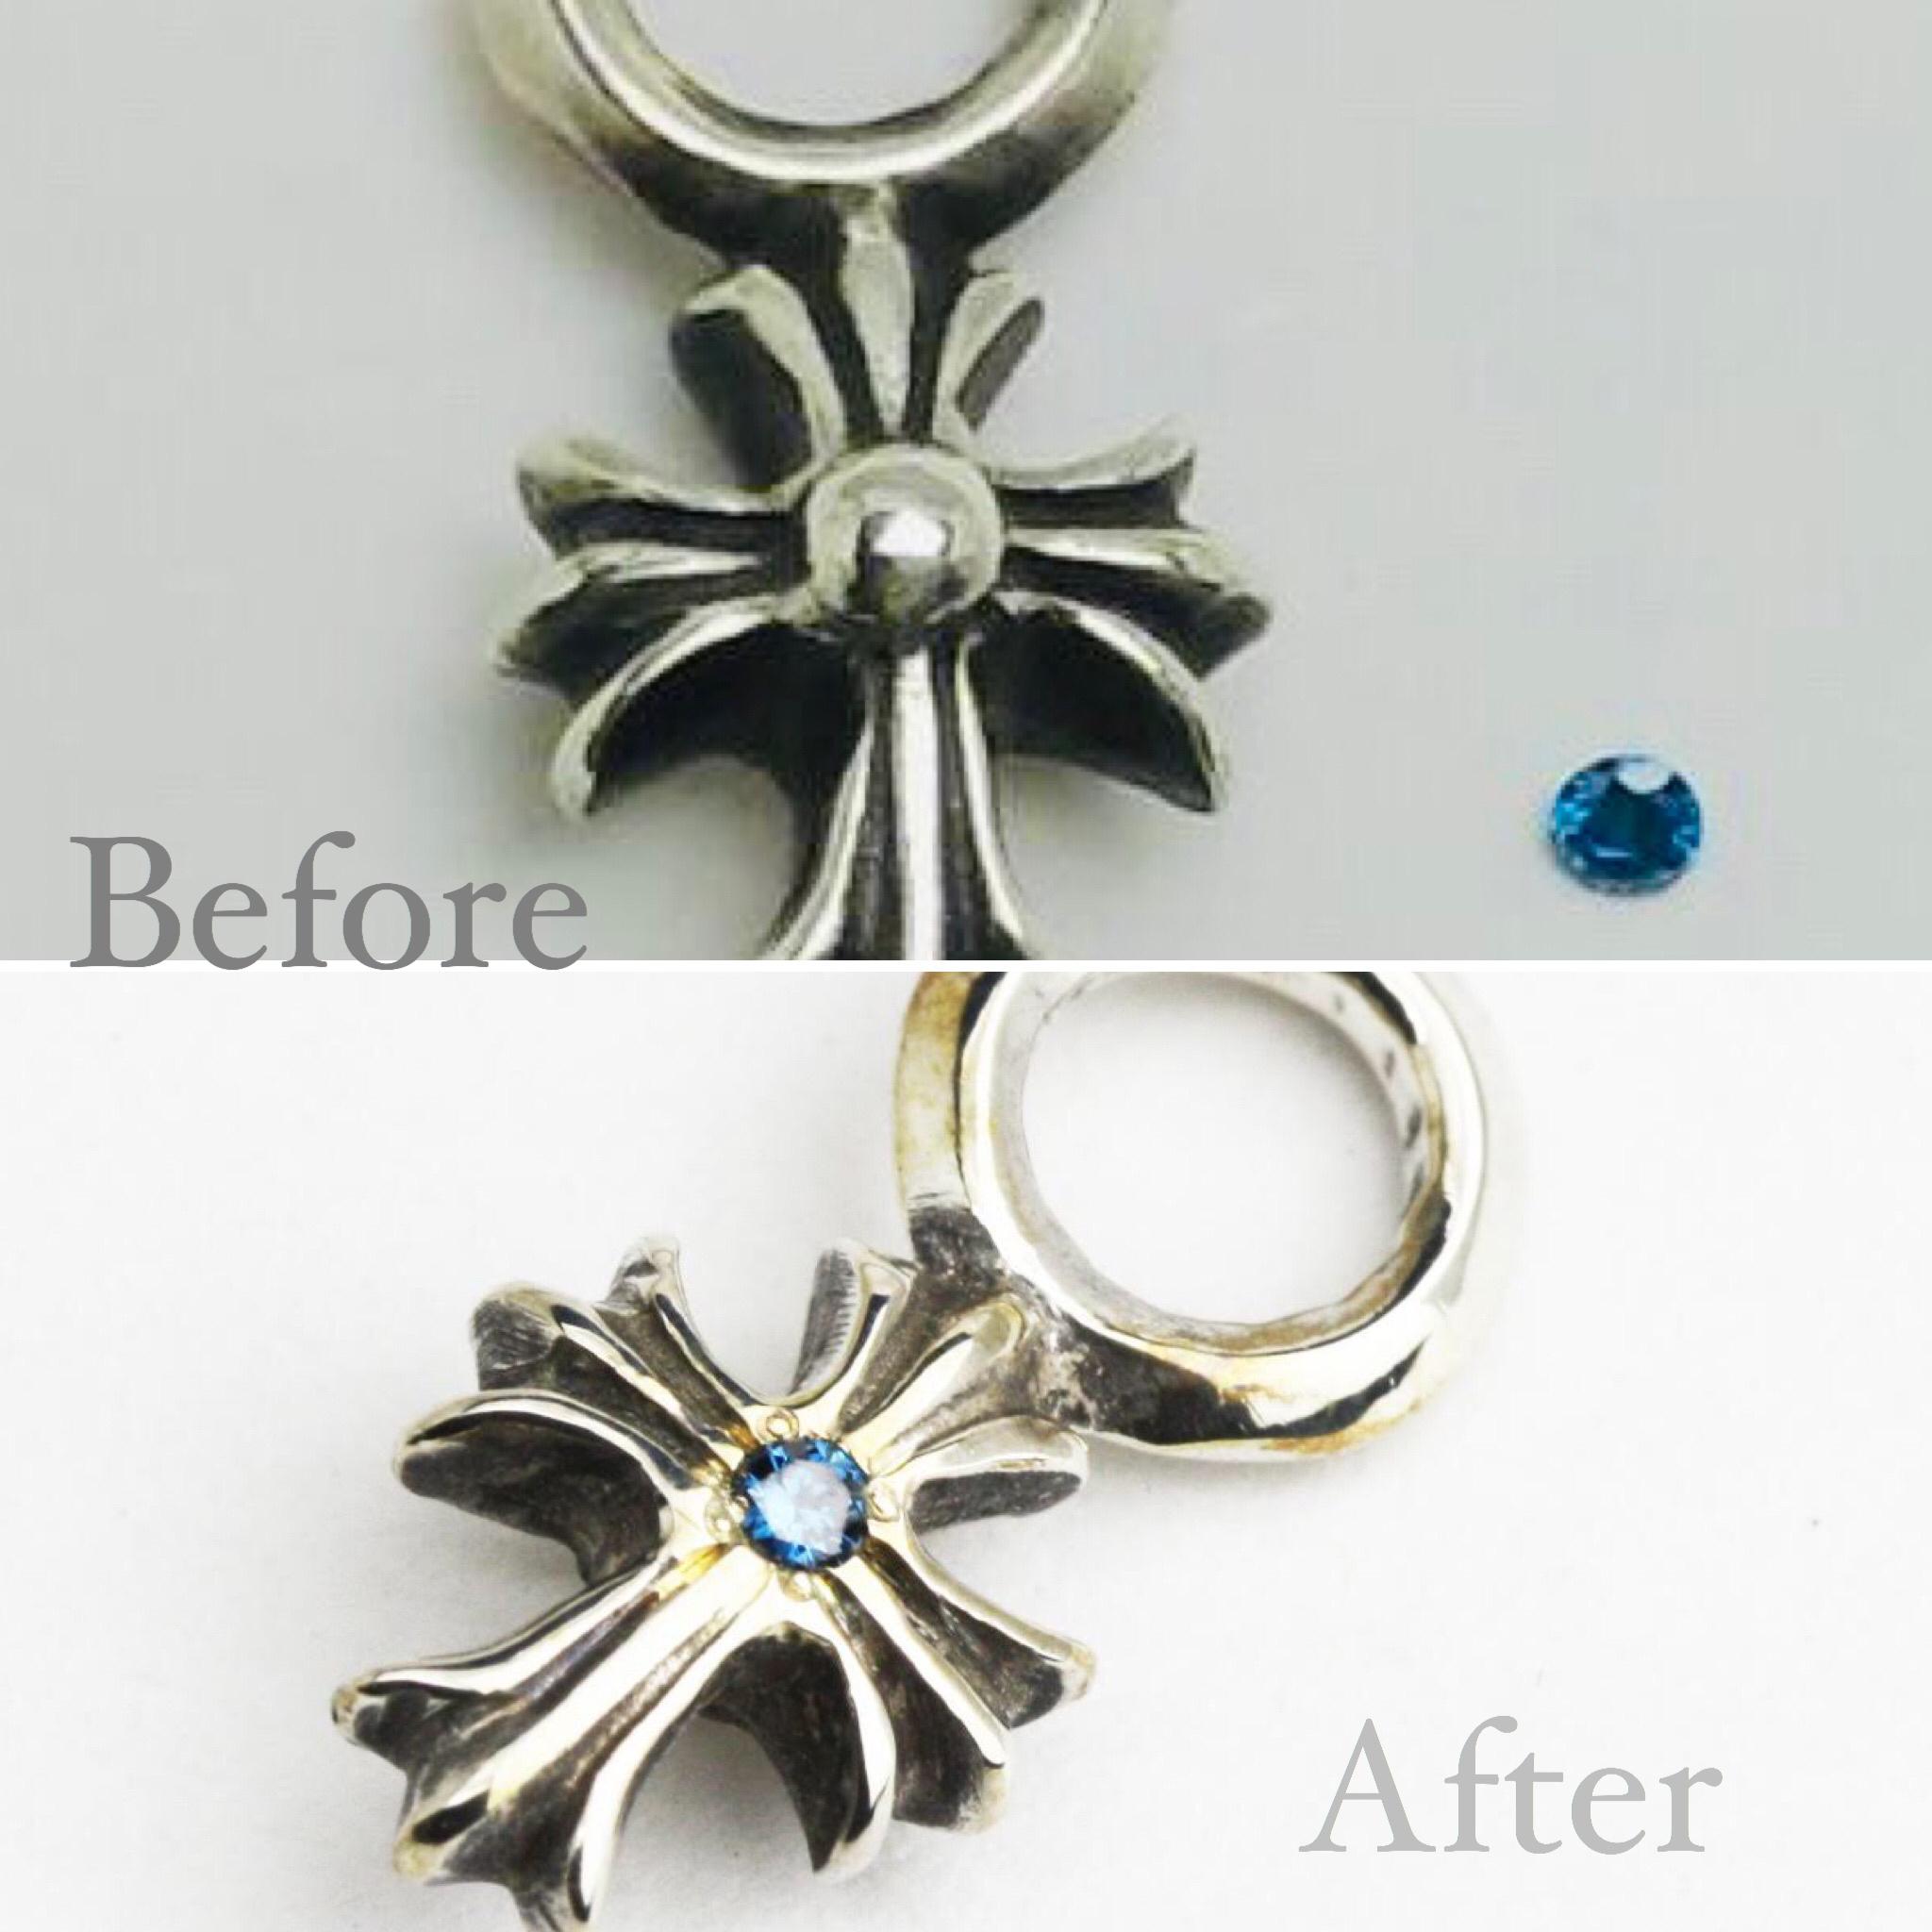 クロスペンダトにダイヤモンド彫留め加工の修理